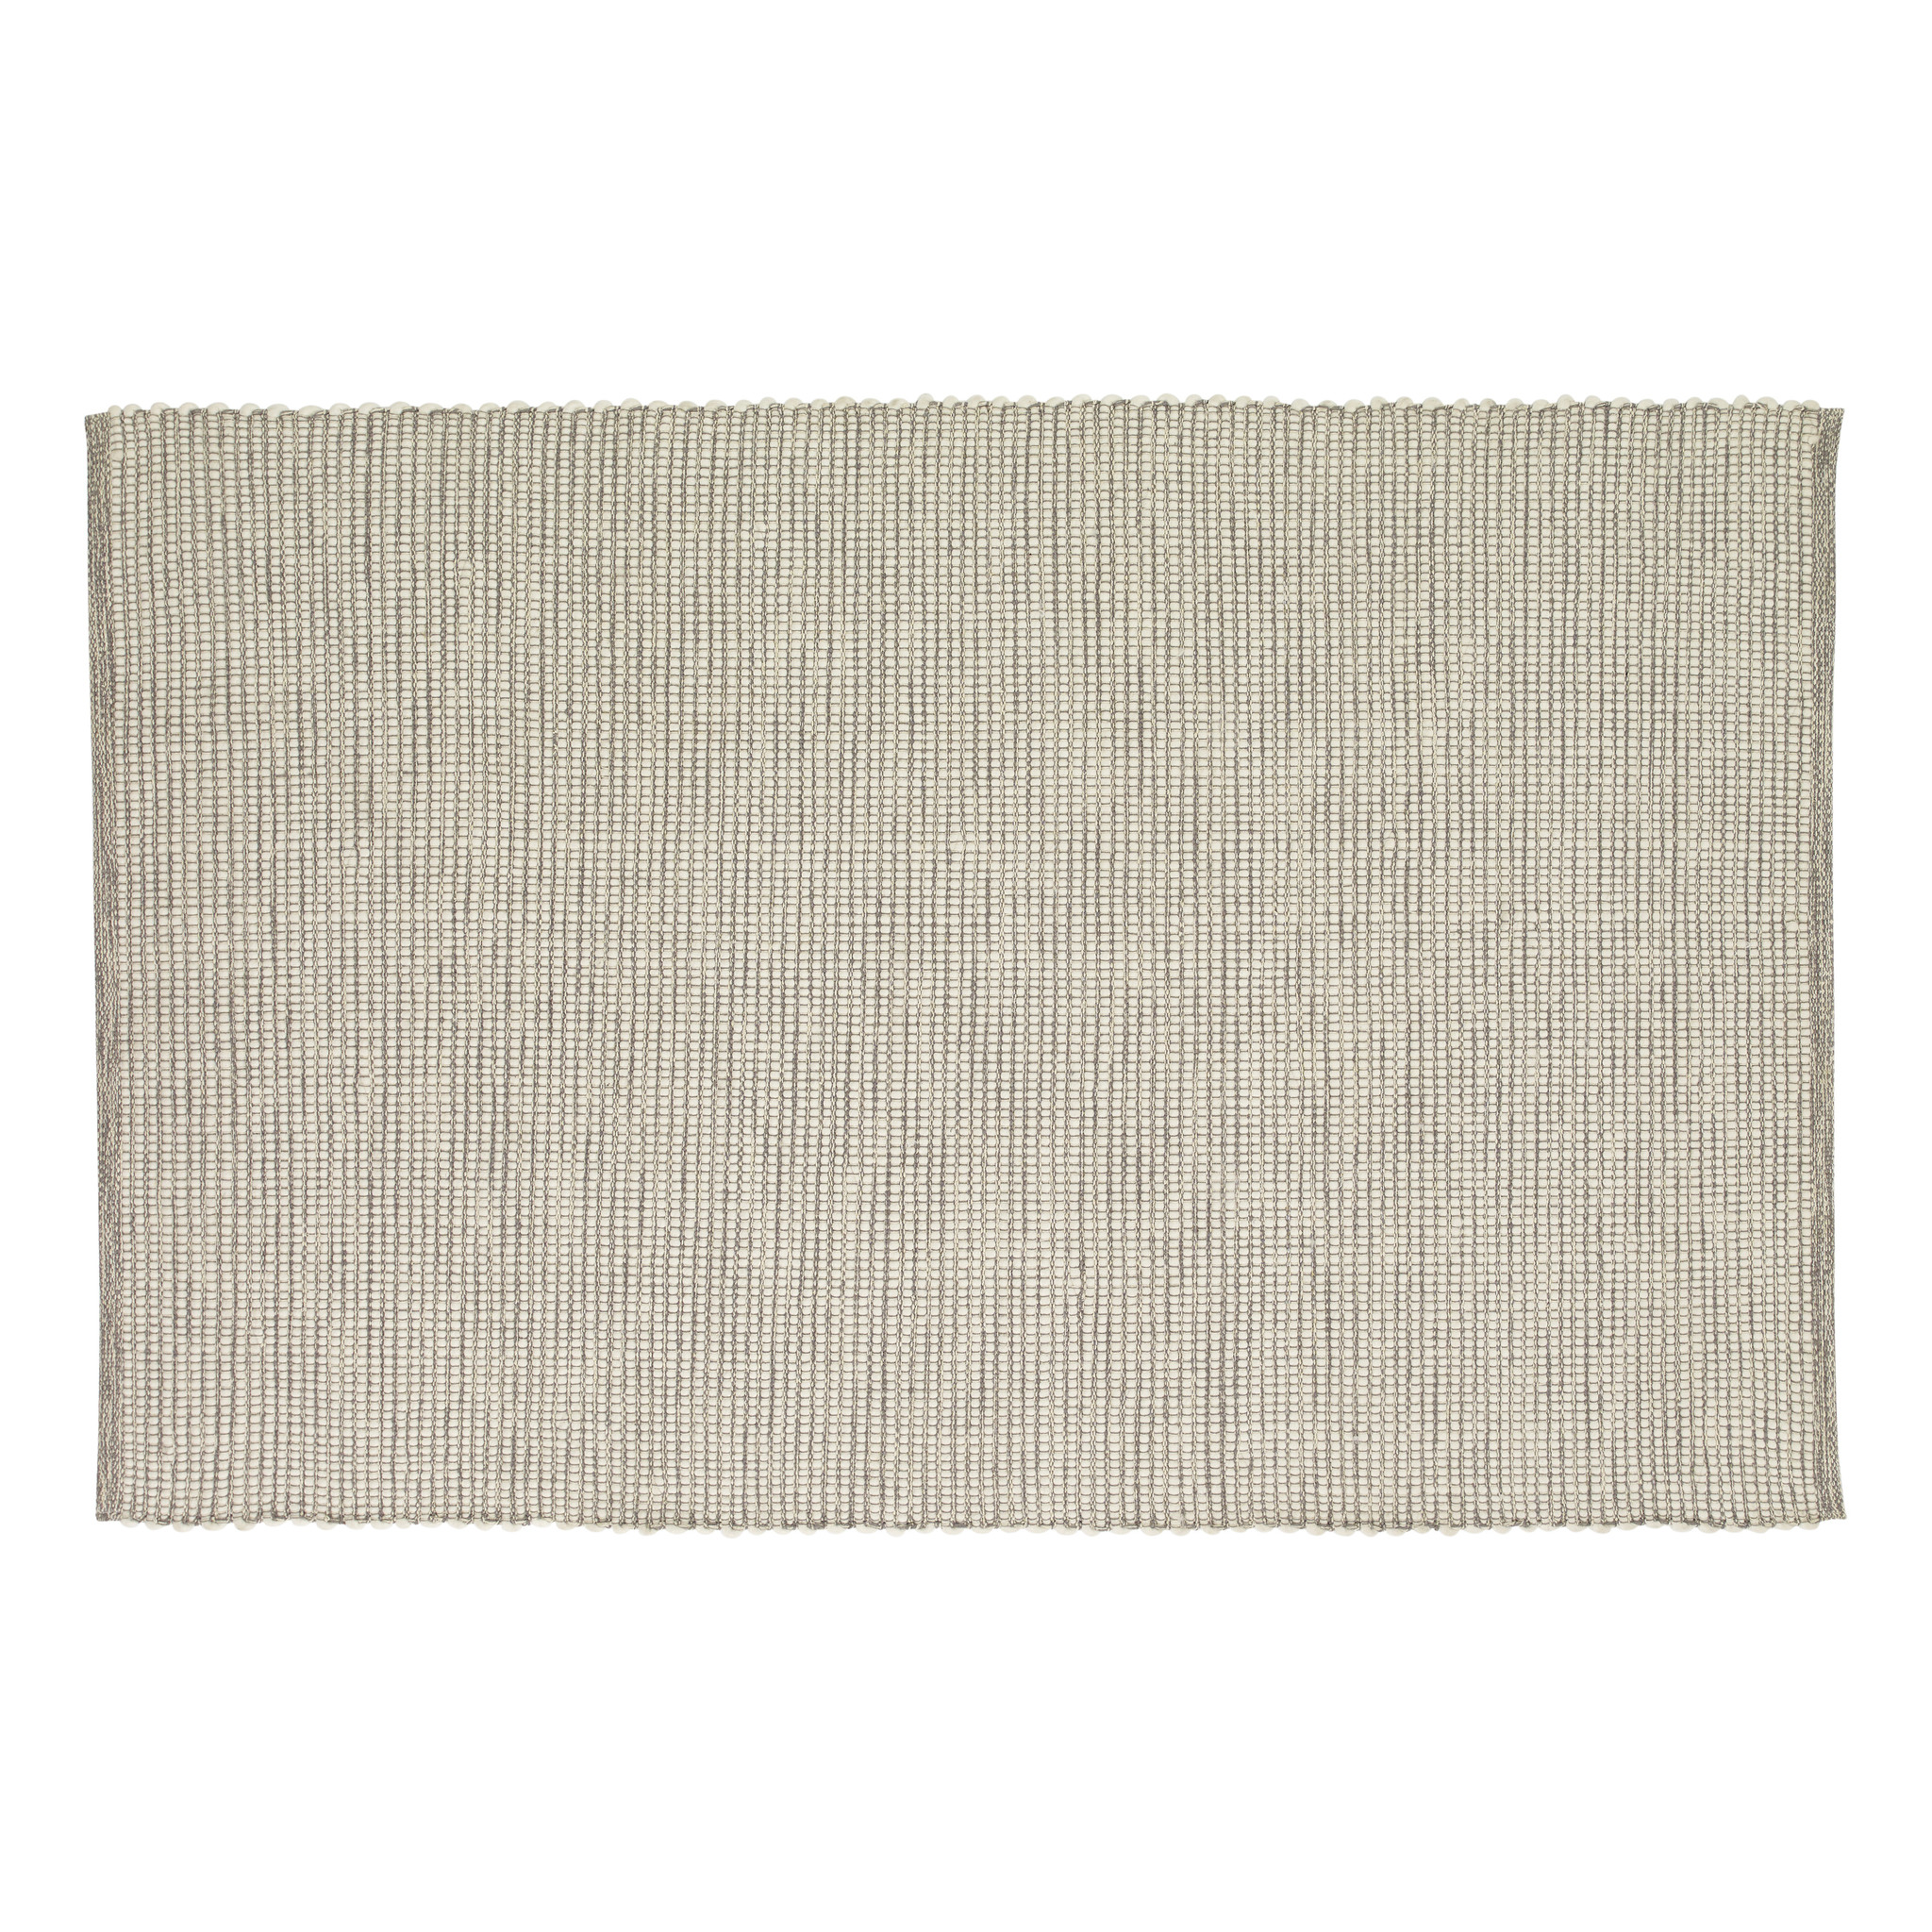 Hubsch Vloerkleed, geweven, katoen, grijset van wit